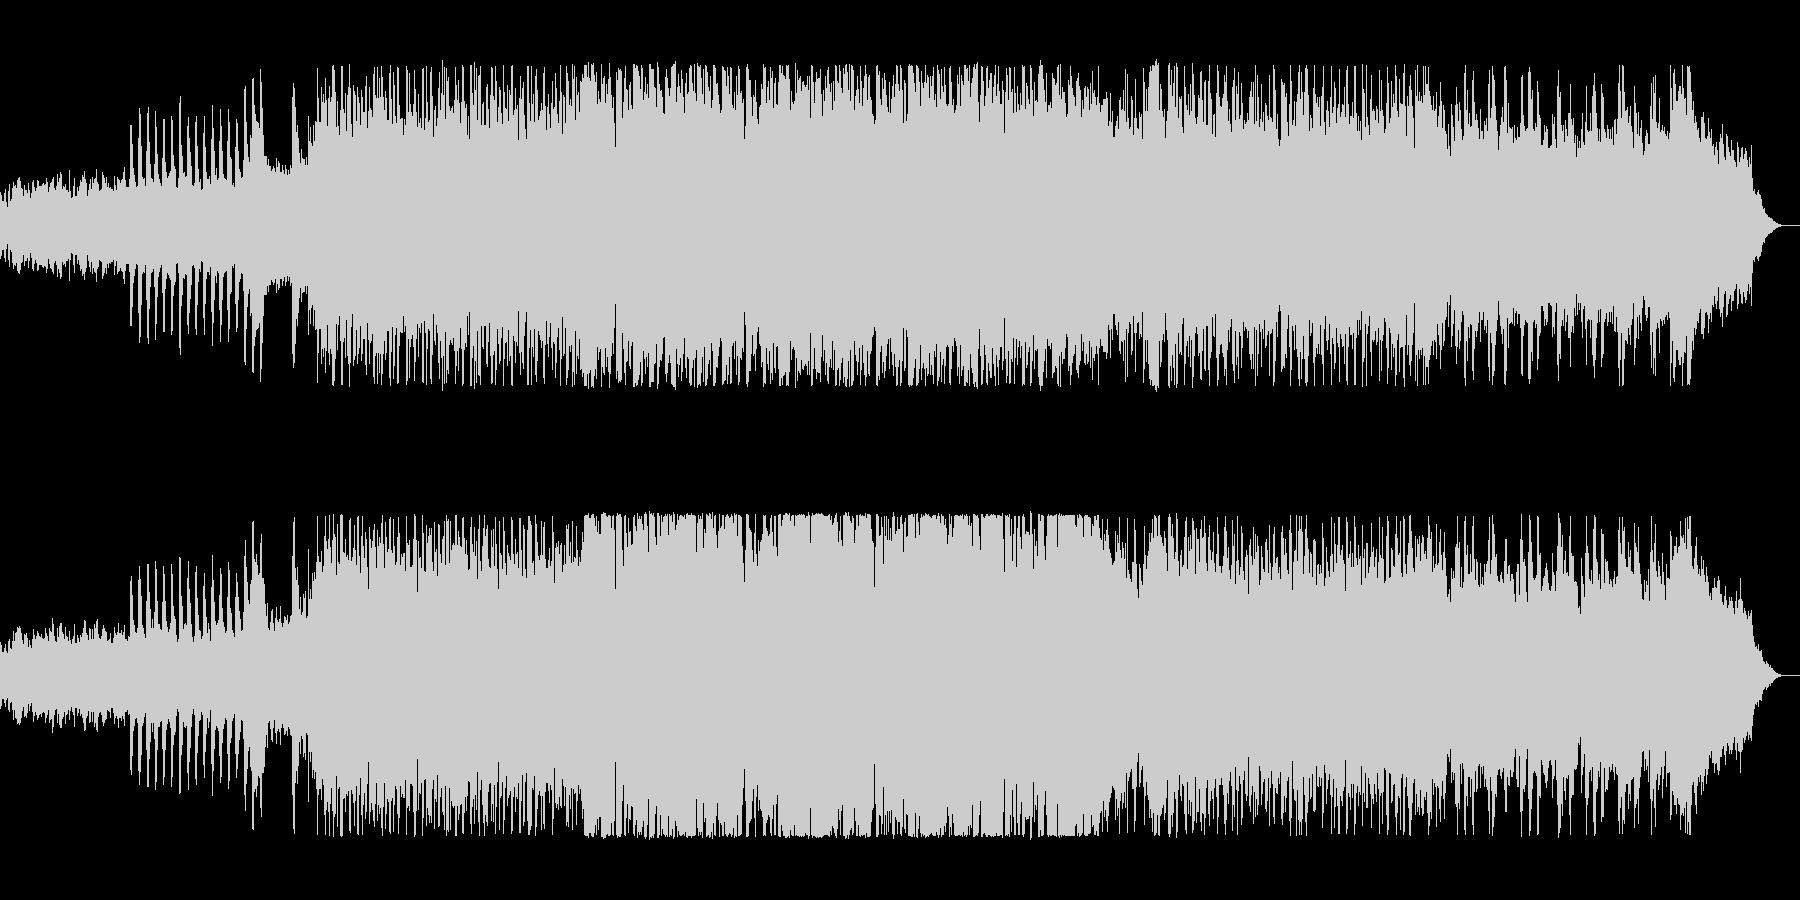 レトロな80sシンセポップス。の未再生の波形